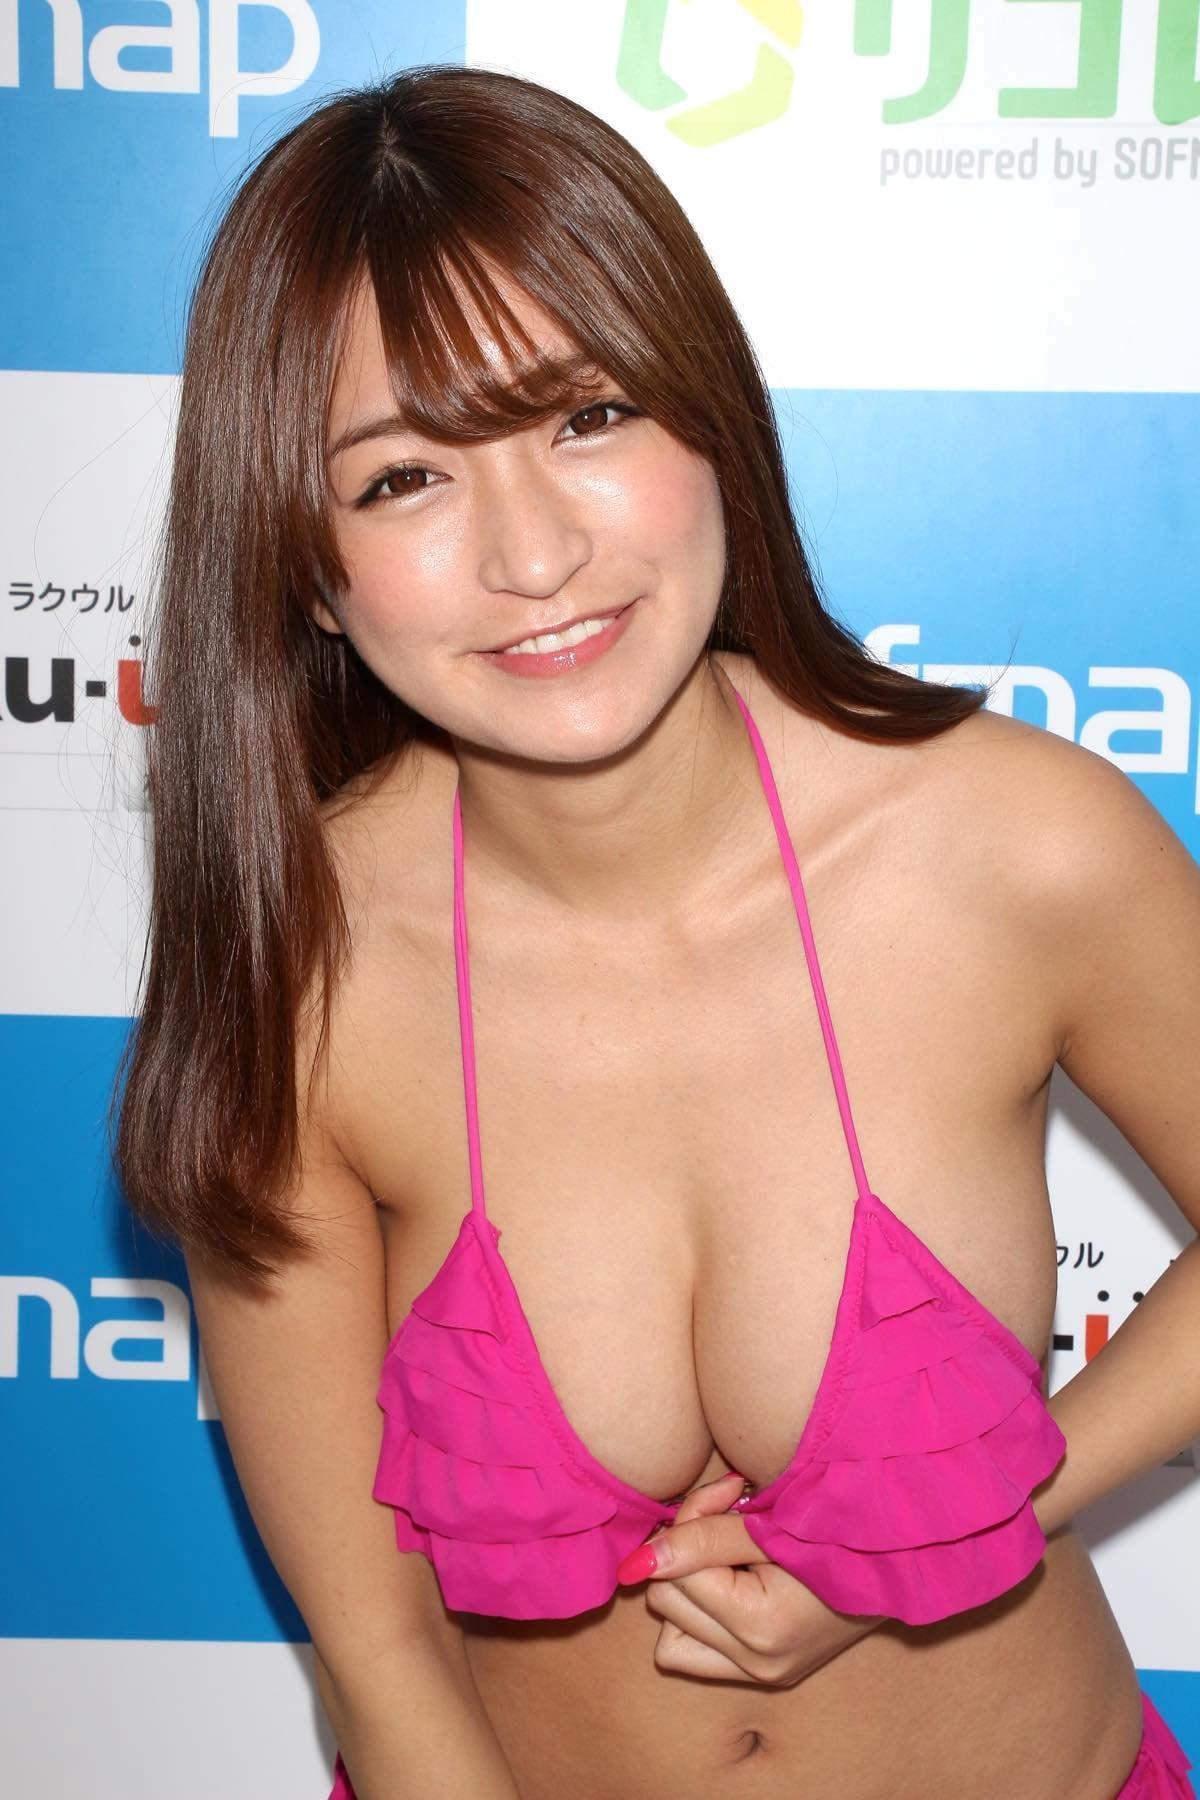 ☆HOSHINO「シャツがどんどん透けちゃう」エプロンはほぼ裸!【写真35枚】の画像020